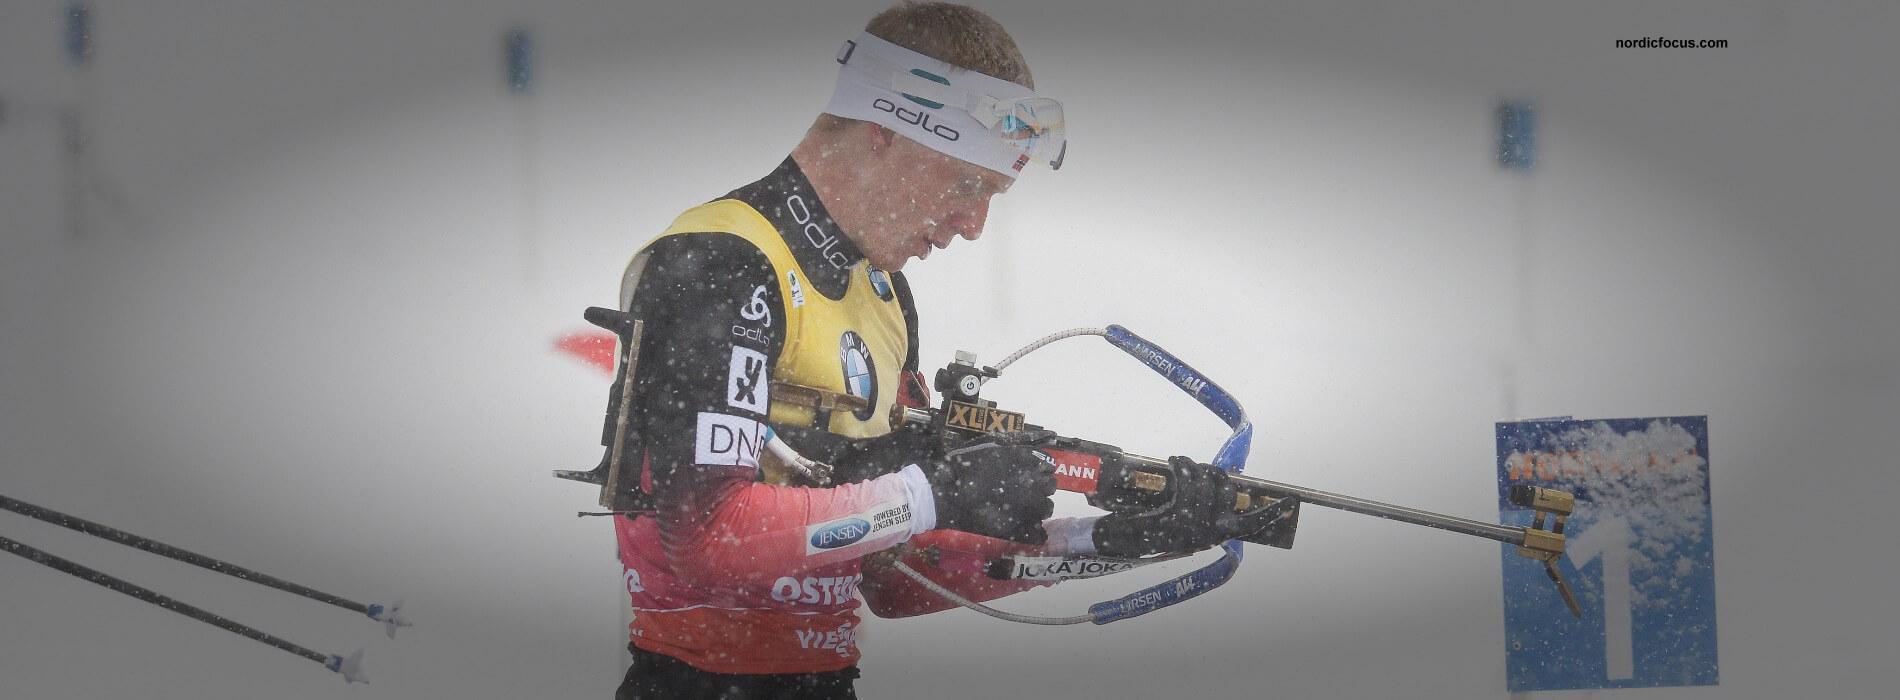 Johannes Boe gewinnt  Arnd Peiffer auf 7